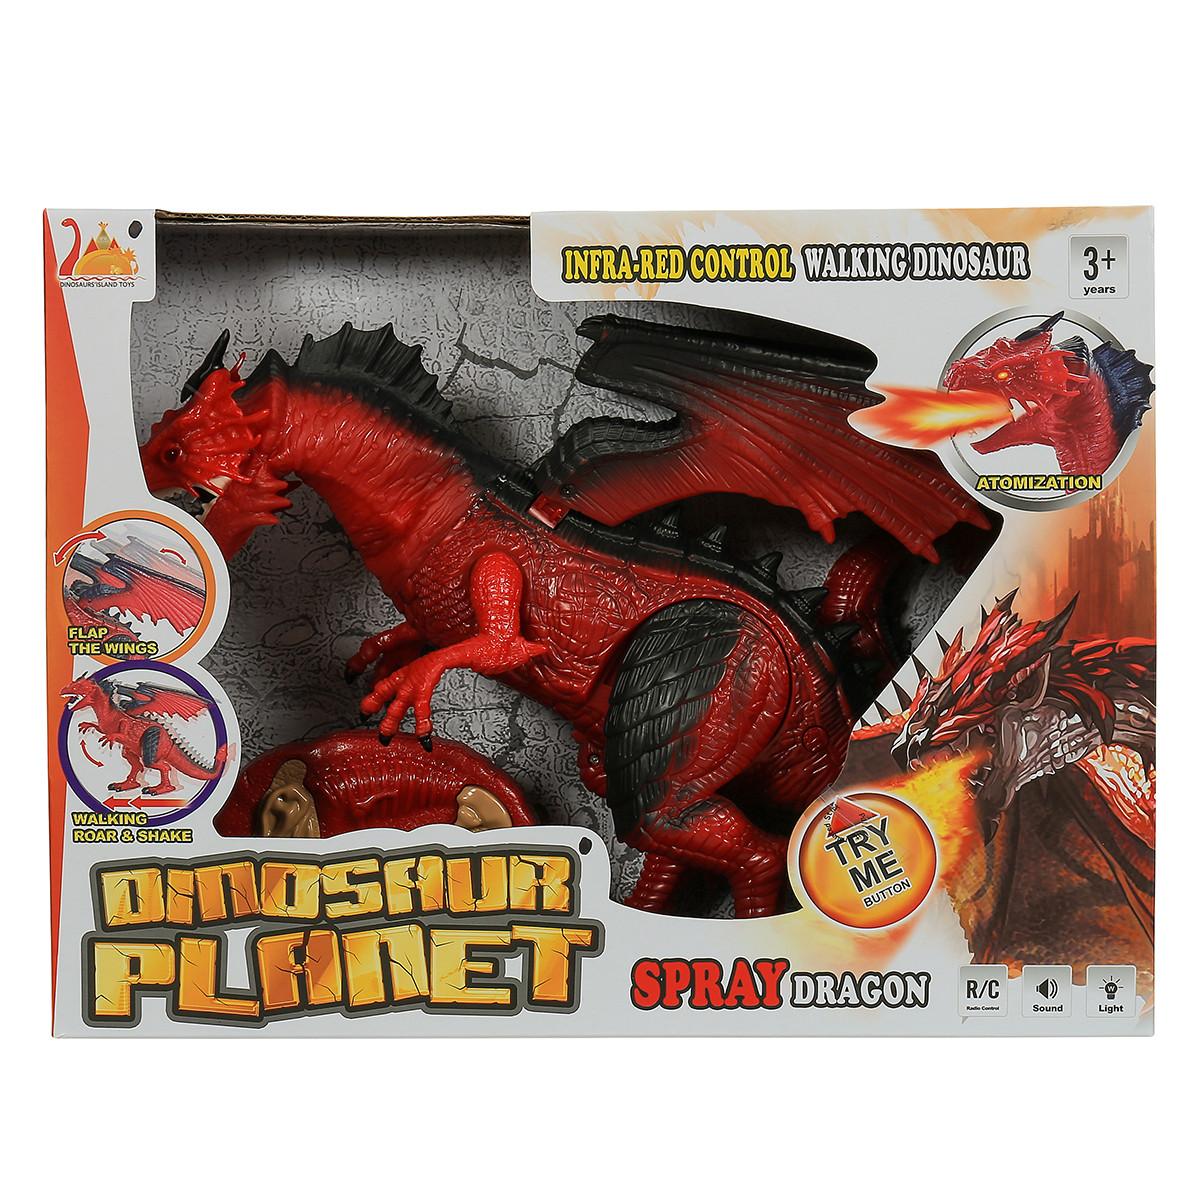 Интерактивный динозавр RS6159A на радиоуправлении, дышит пламенем